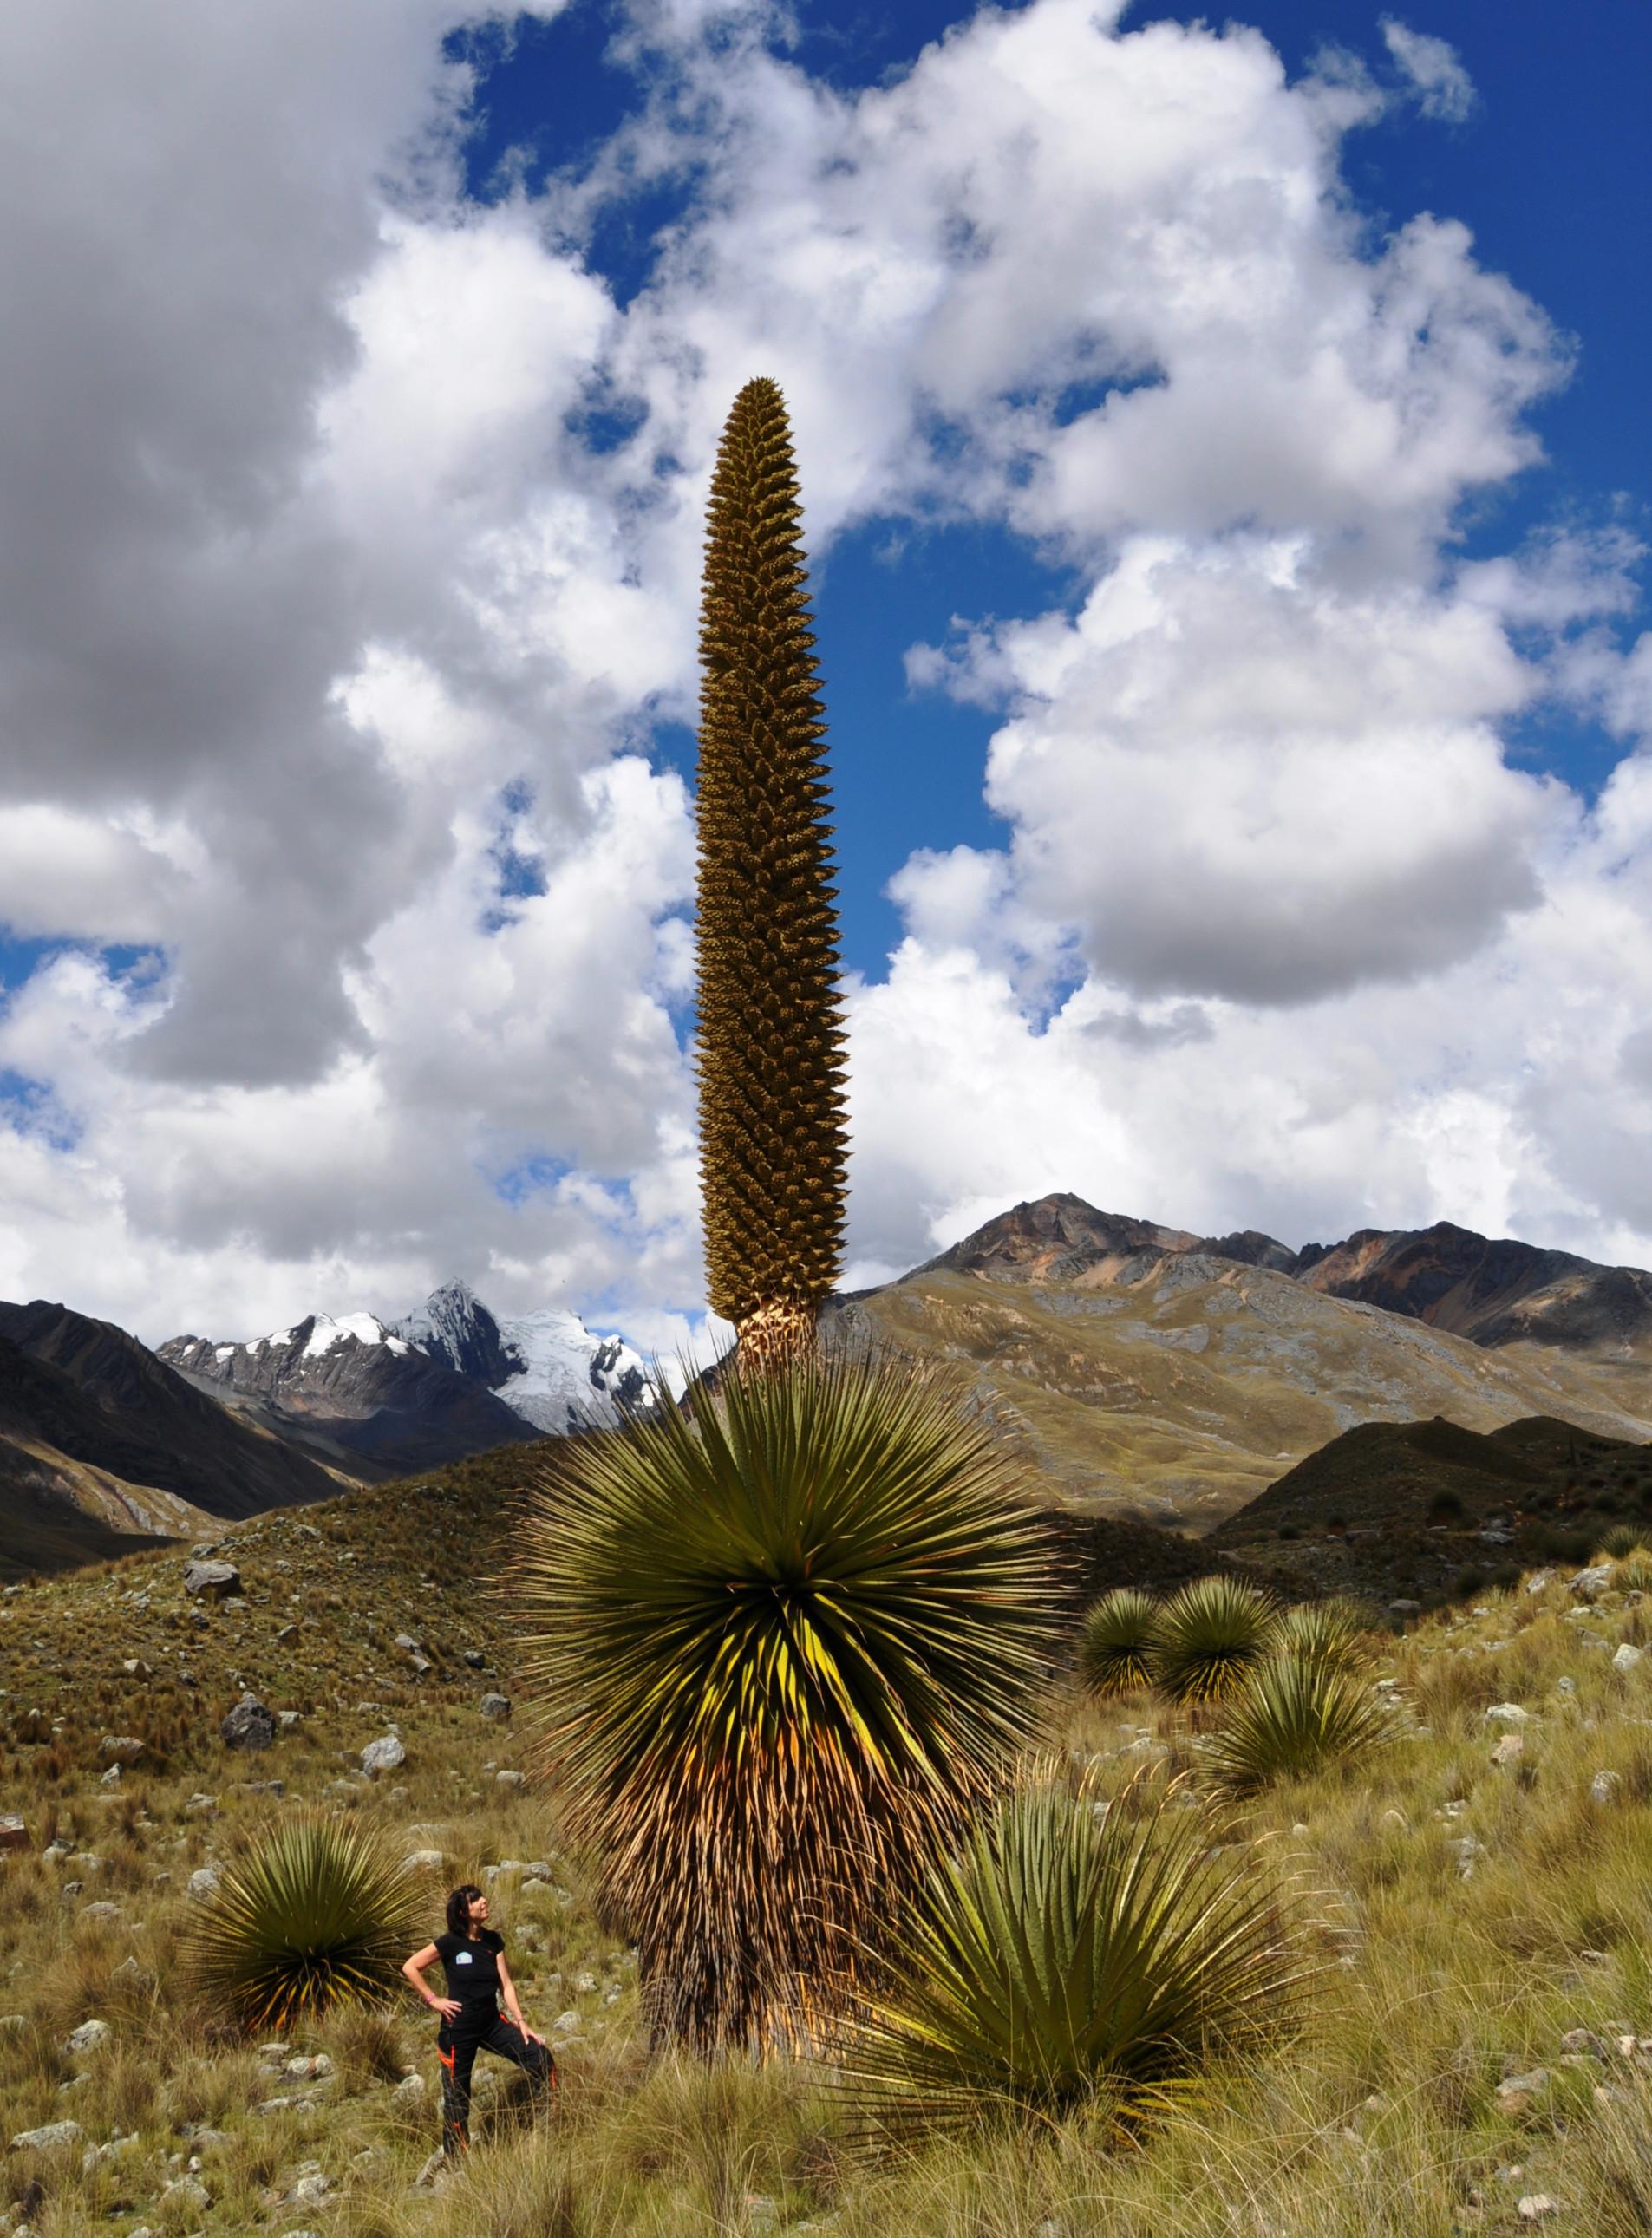 Puya Raimondii: Die größte Blume der Welt blüht nur einmal | Puya Raimondii: the largest flower in the world blooms only once